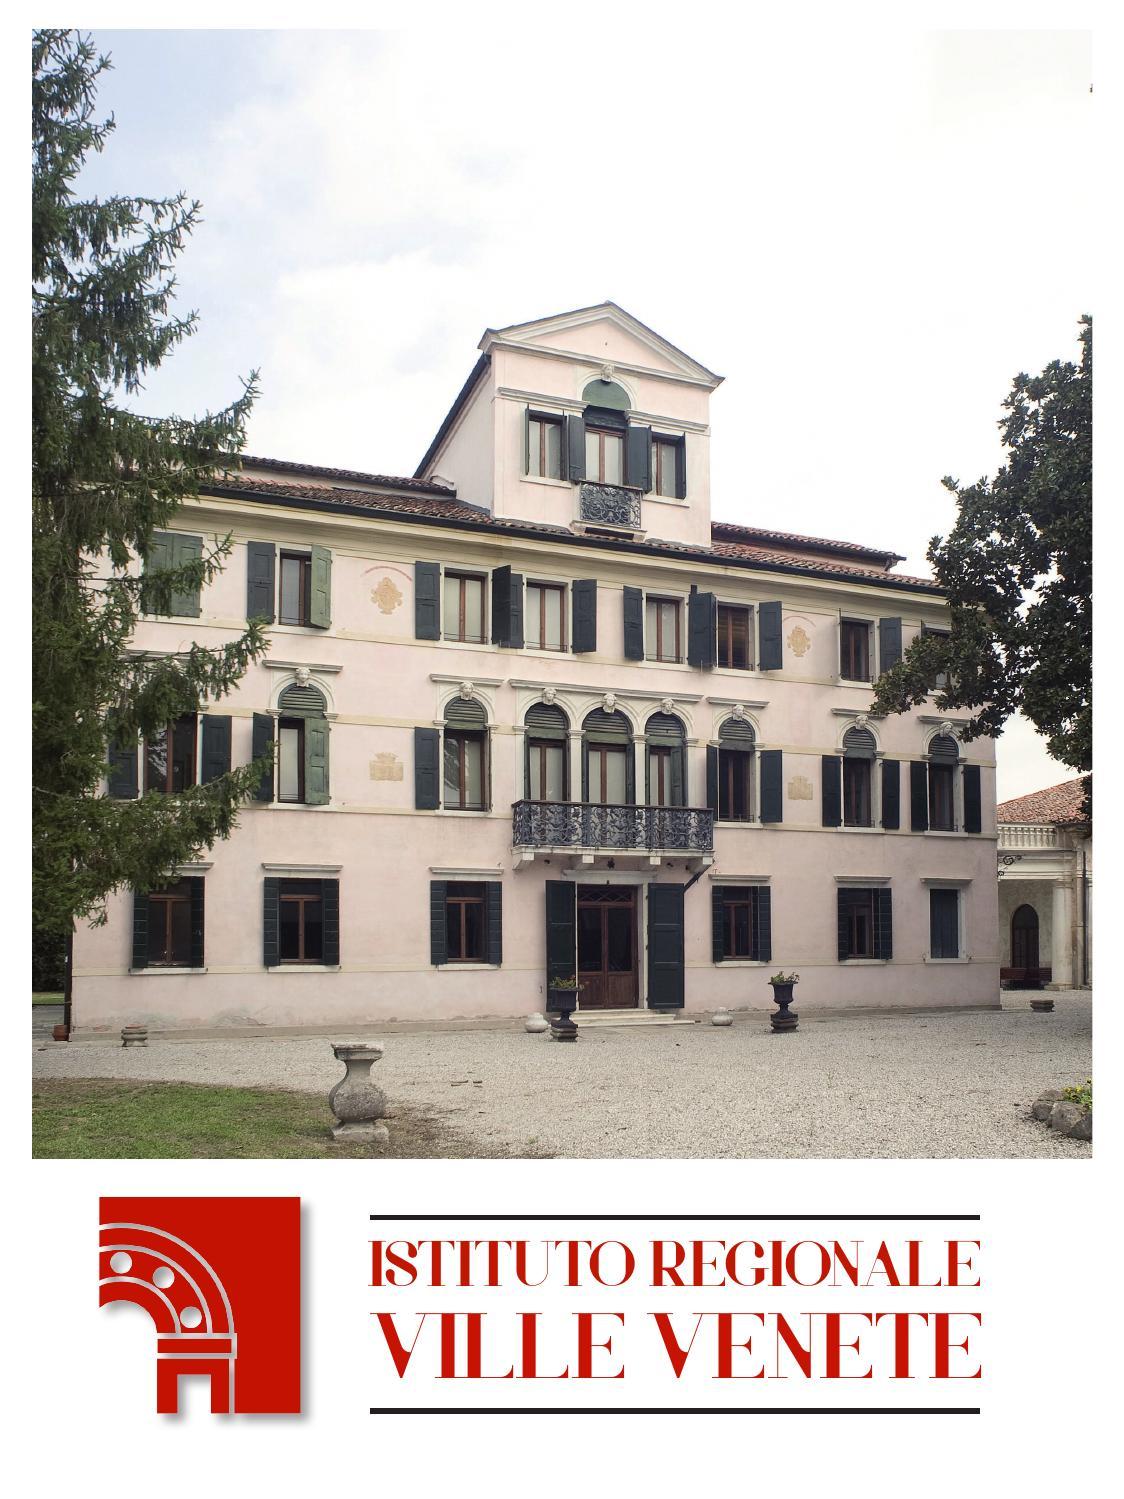 Istituto Regionale Ville Venete.Istituto Regionale Ville Venete Ottobre 2014 By Istituto